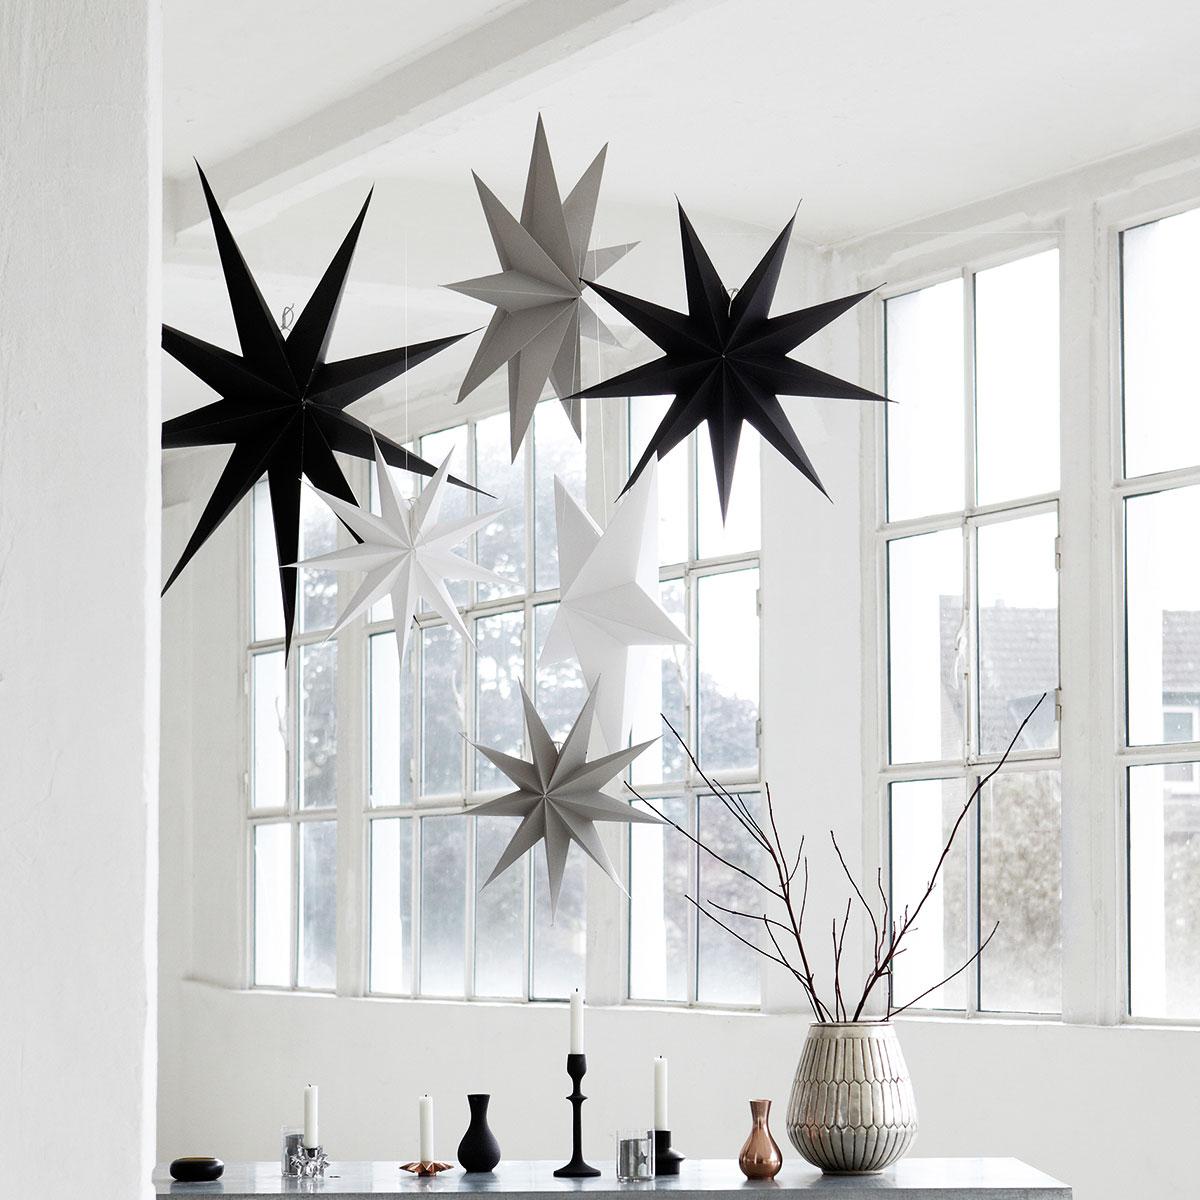 Fantastisk Adventstjerne 9 punkt, sort - 60 cm - designerhome.no DM-06